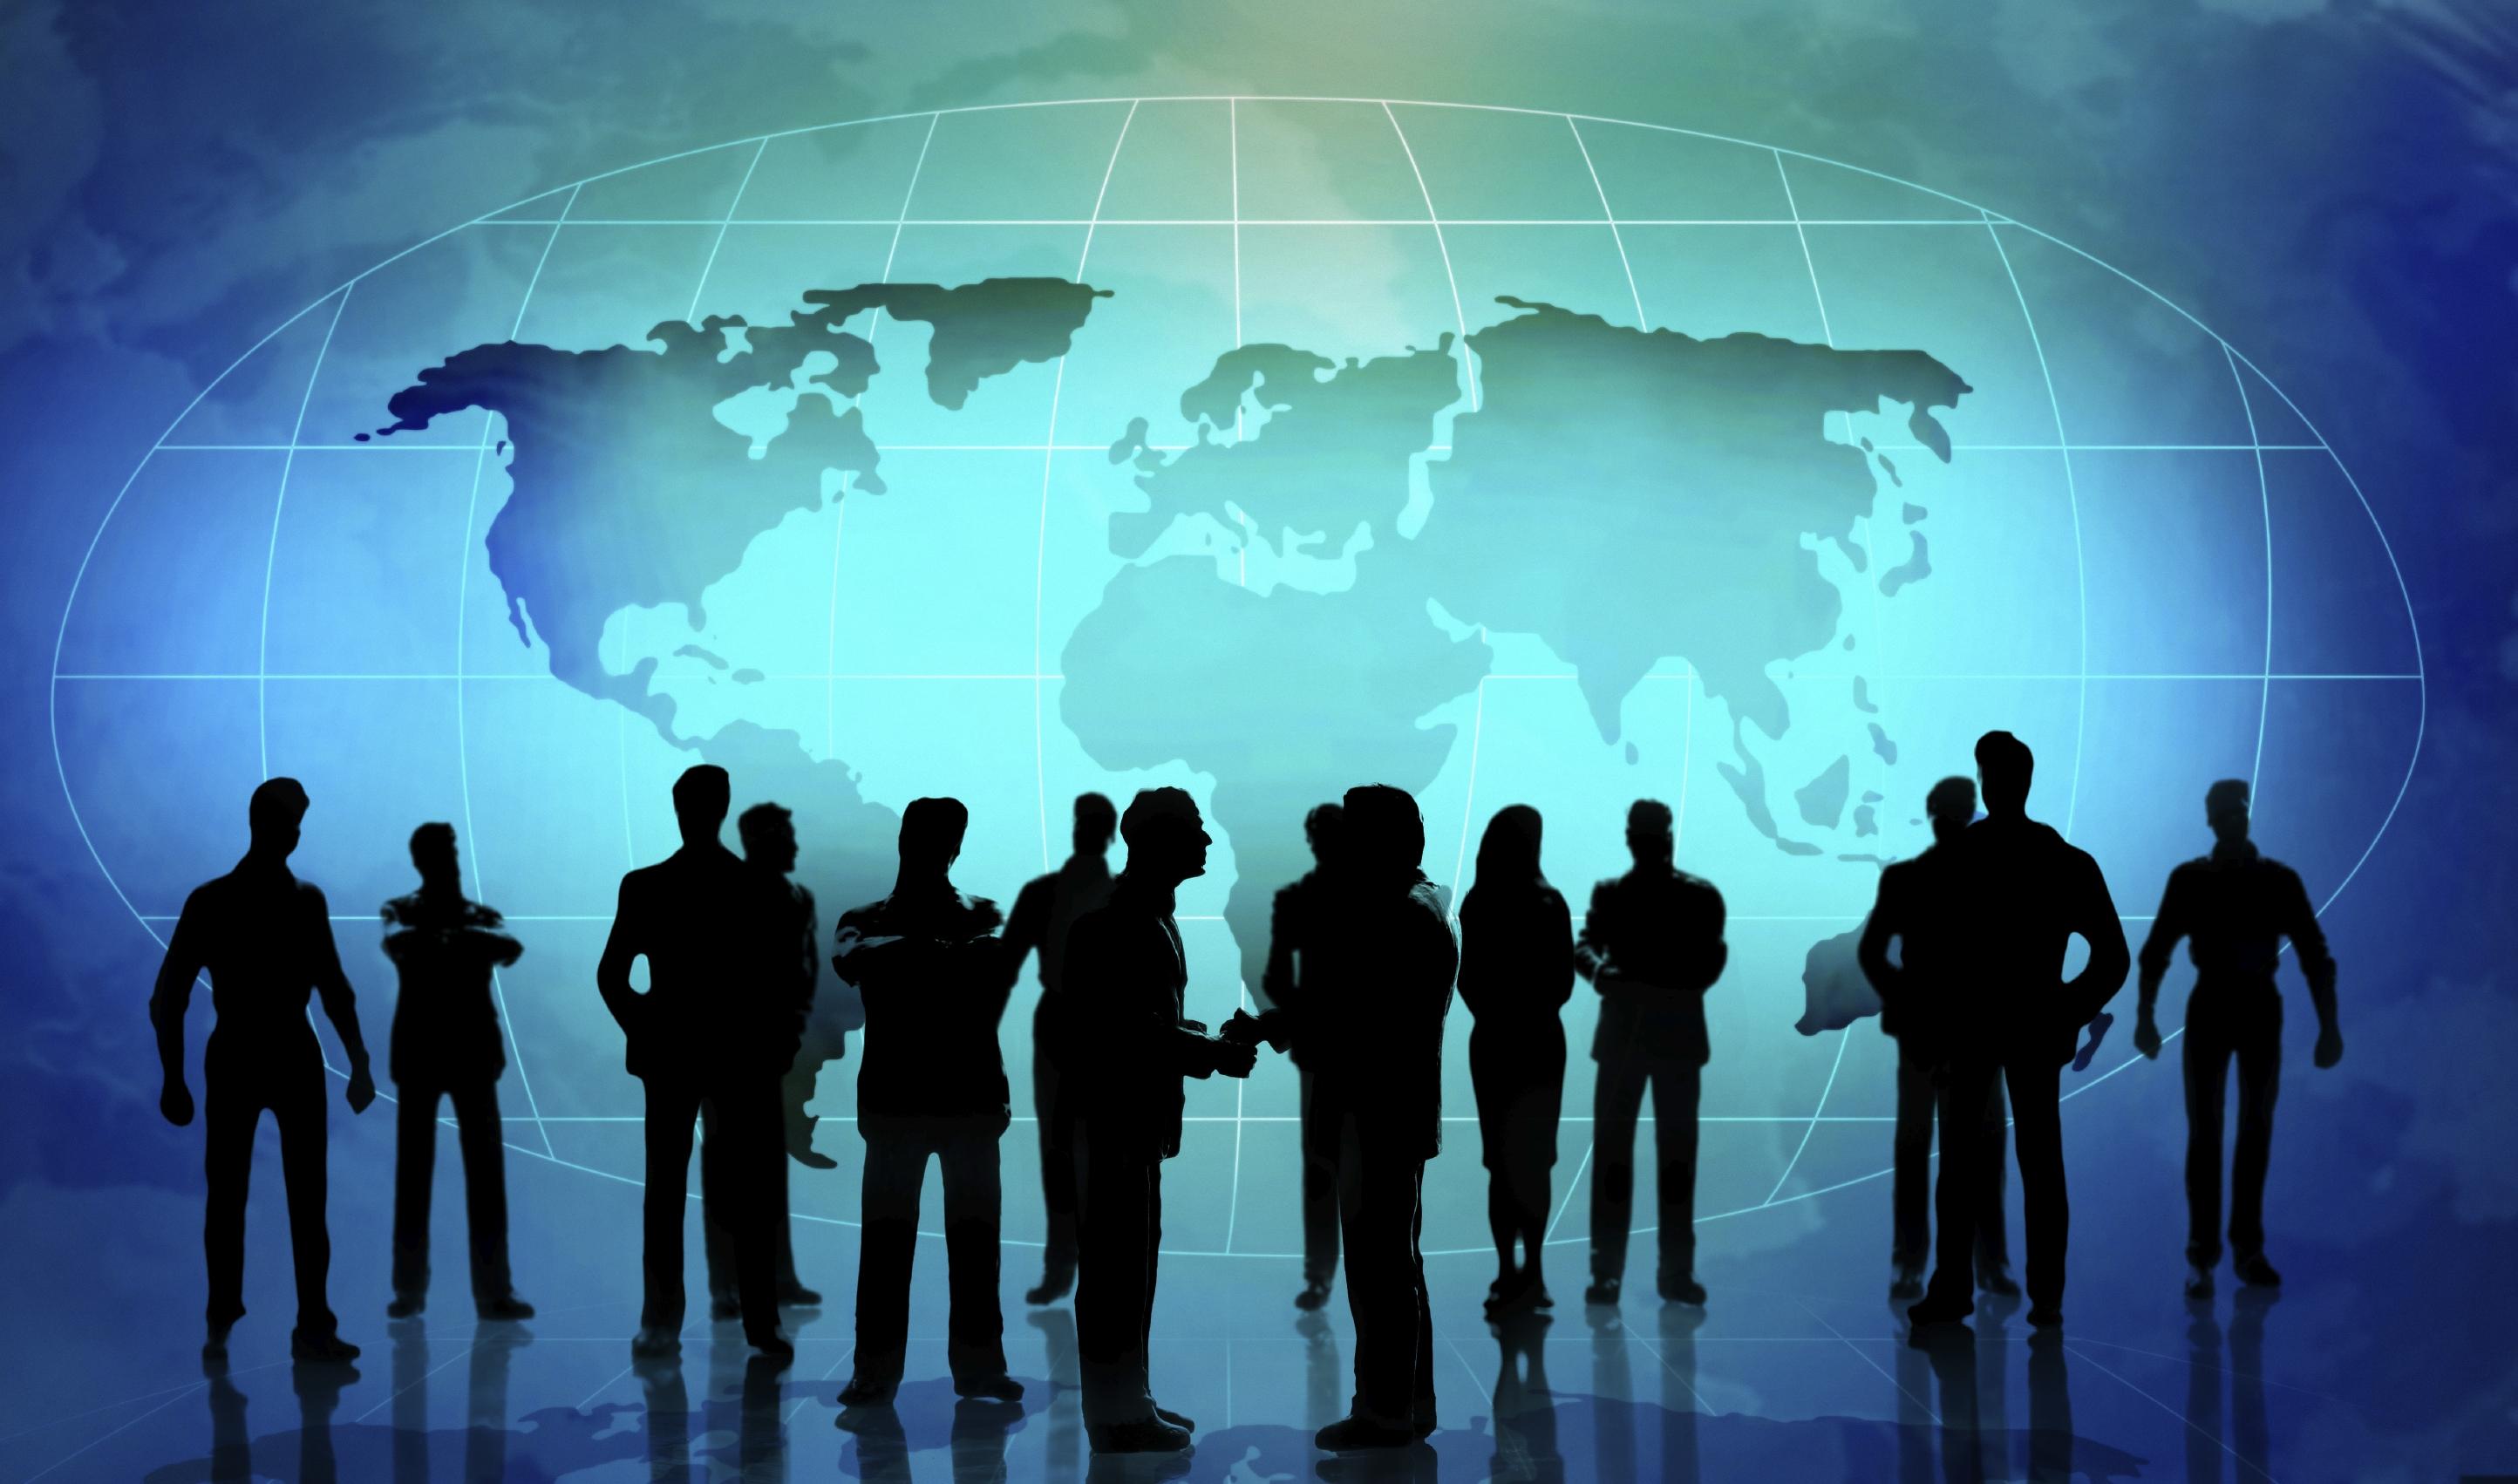 التوظيف بالقطاع الخاص يسجل أعلى مستوياته خلال 6 أشهر، فهل يتبعه القطاع العام؟